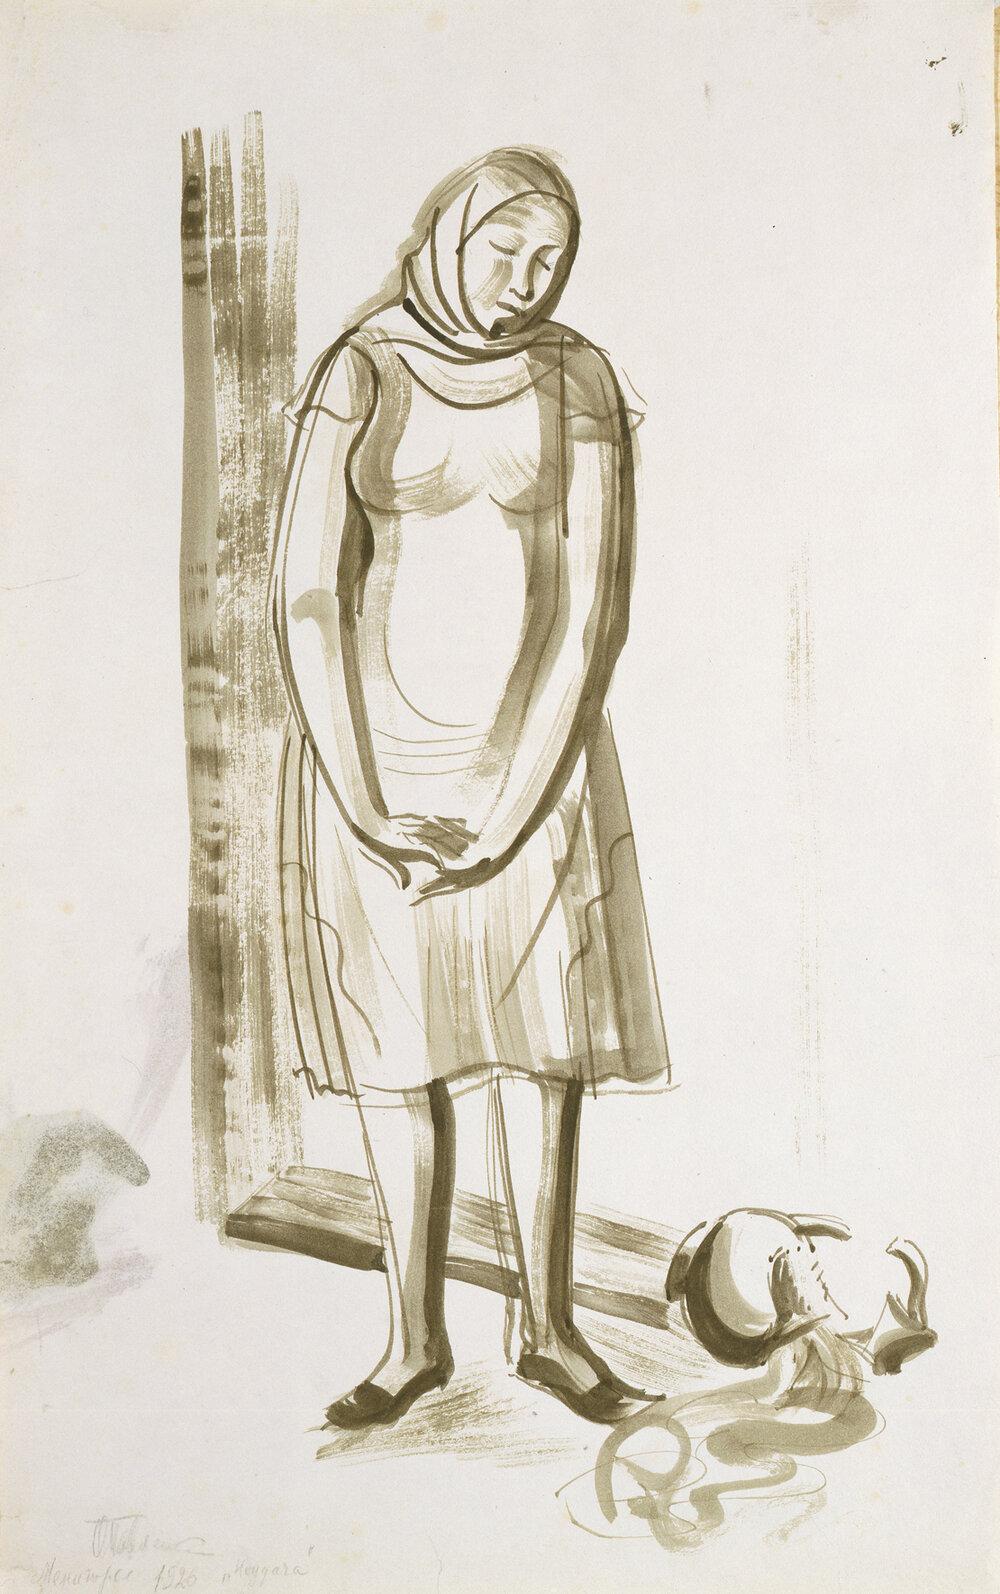 Оксана Павленко, Невдача, 1926, Колекція NAMU